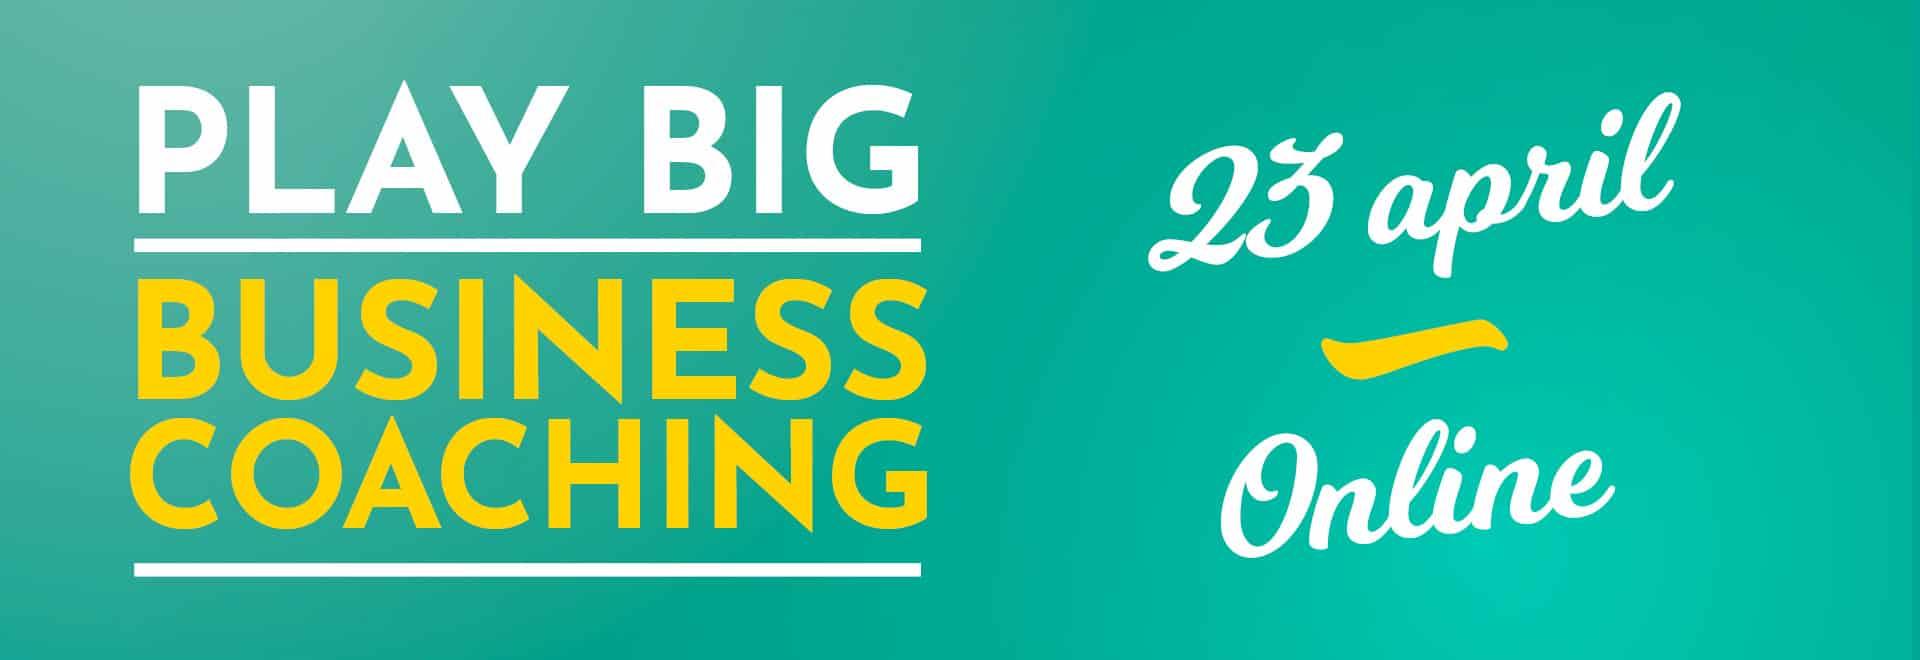 Play_Big_Business_-_desktop-online